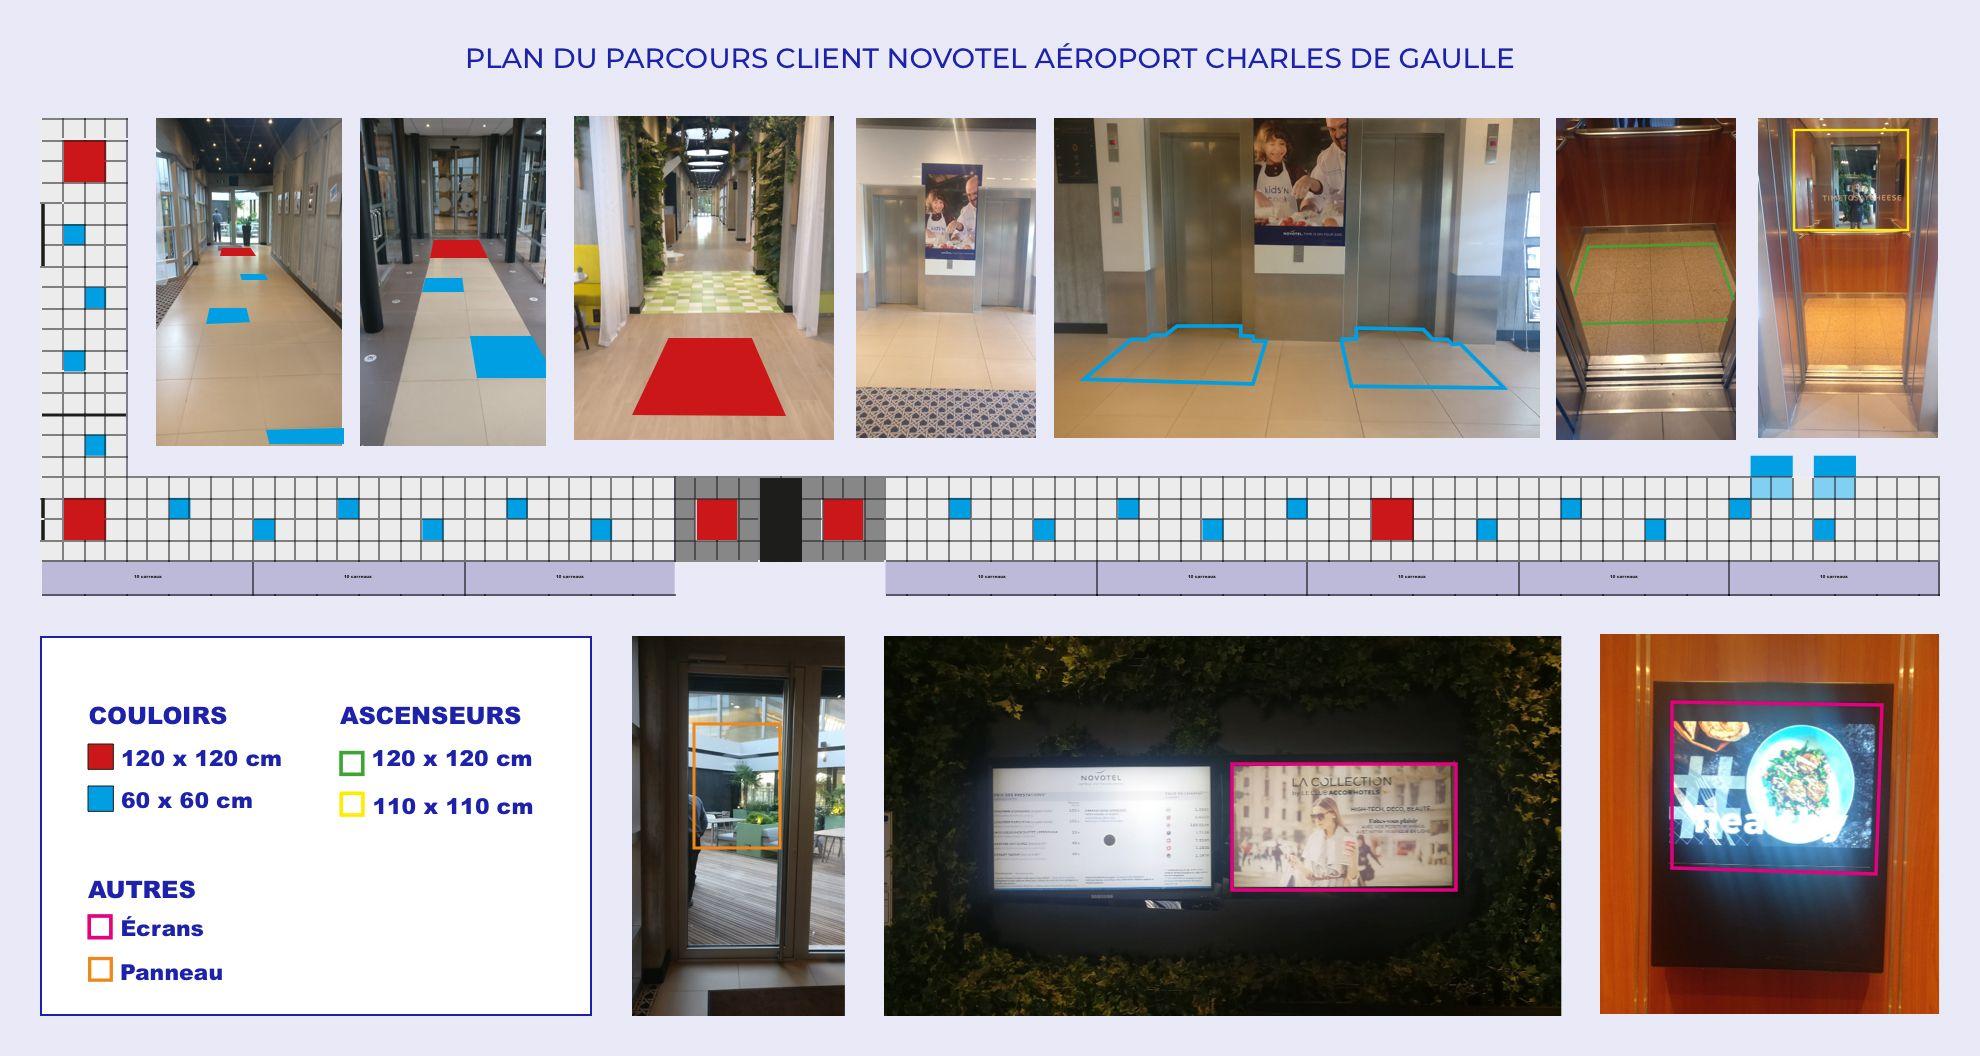 Novotel de l'aéroport de Charles-de-Gaulle : Plan du parcours client et de la signalétique par Candice Herbreteau